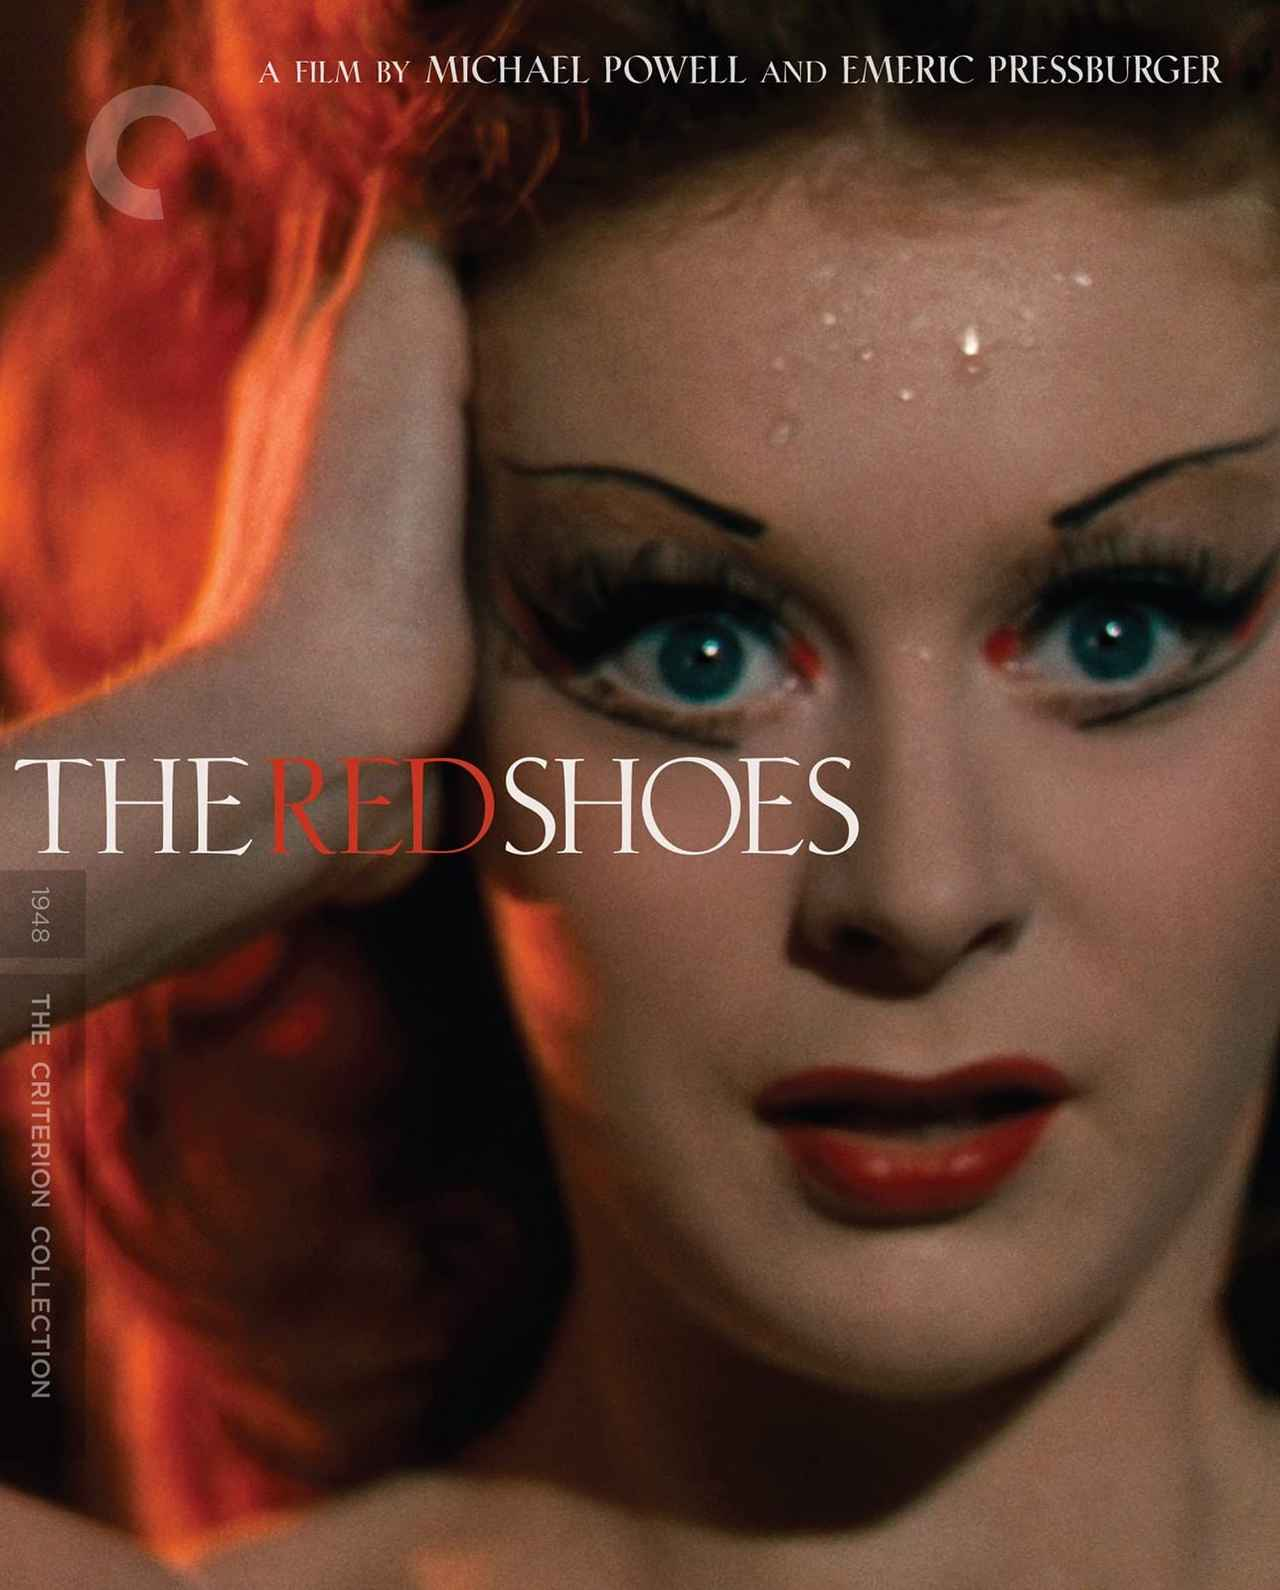 画像: 赤い靴/THE RED SHOES 12月14日リリース 1948年/監督・脚本マイケル・パウエル, エメリック・プレスバーガー/撮影ジャック・カーディフ 音楽 ブライアン・イースデイル/出演モイラ・シアラー , アントン・ウォルブルック, マリウス・ゴーリング 新作バレエ『赤い靴』の主役に抜擢された若きバレリーナー、その愛の悲劇。映画芸術とバレエ芸術の見事な結合に世界が陶酔した名画クラシック。撮影はテクニカラーの父、ジャック・カーディフ。綿密に計算されたカラーデザインによって、絵画的な美しさばかりでなく、観る者の心を強く揺さぶる色彩マジックを絢爛と展開、カラー映画の可能性を大きく引き出した色彩映画の金字塔でもある。 ******************************************************************************************************************************** United Kingdom | 133 minutes | Color | 1.33:1 | English, French | 2-Disc Set | SRP: $49.95